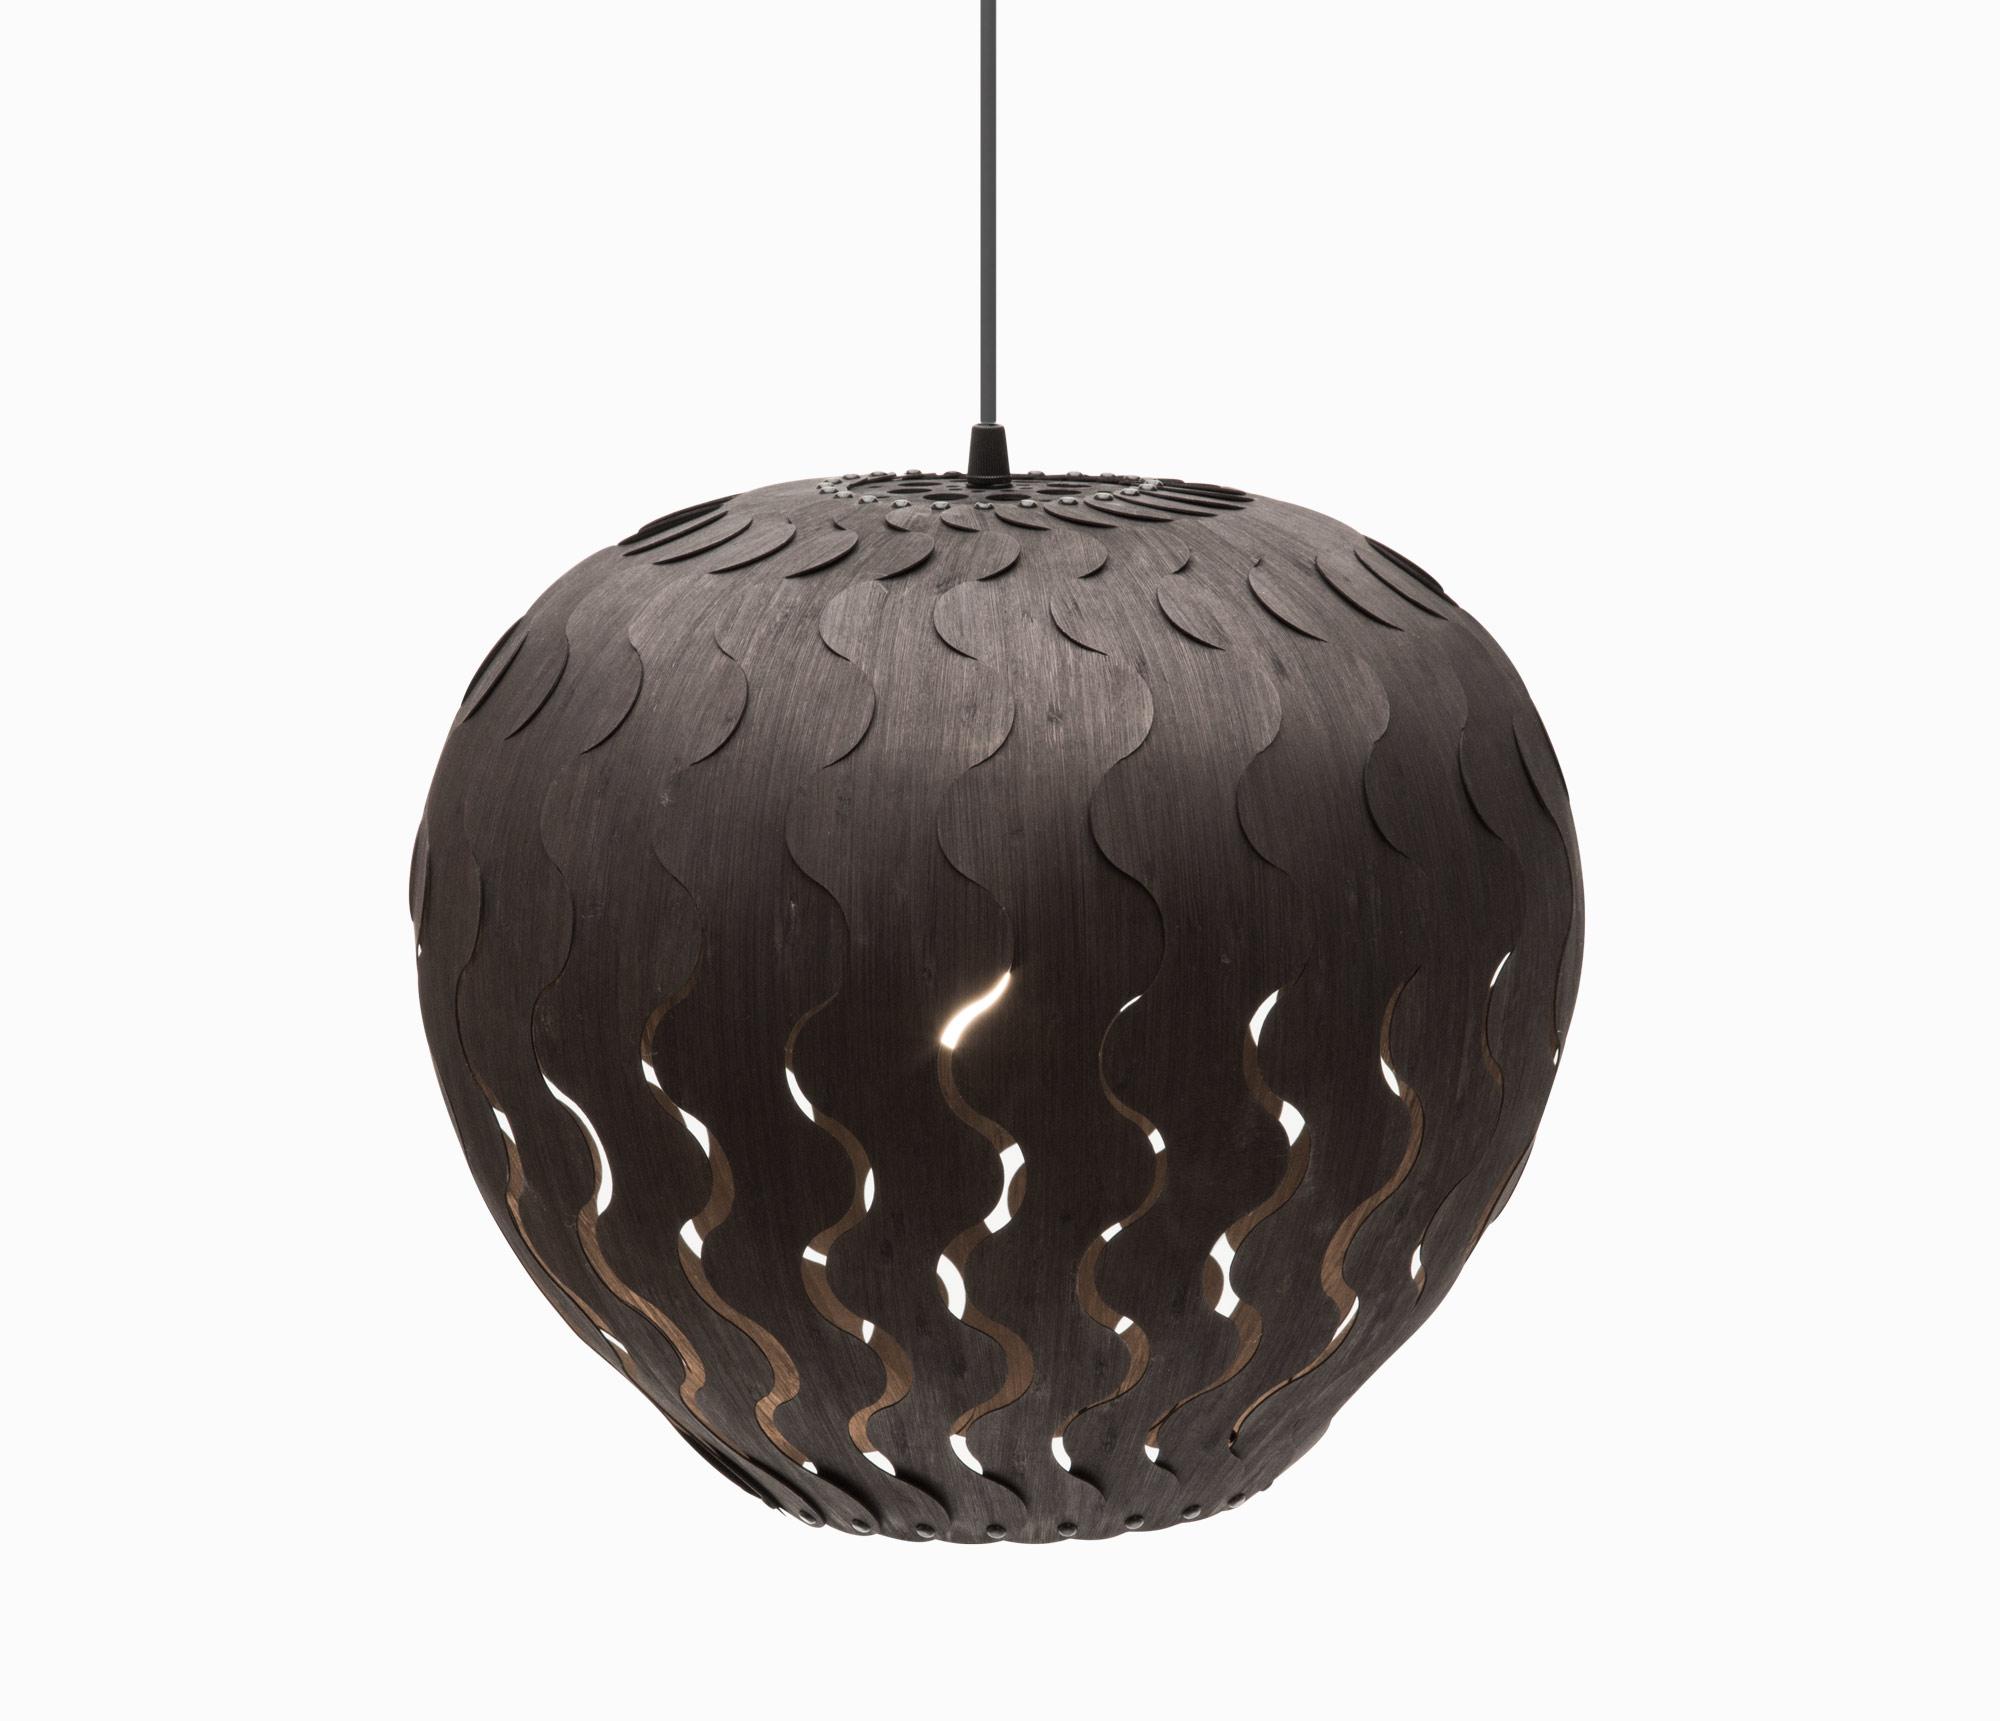 Belle Large Black Stain Bamboo Kitset, $945